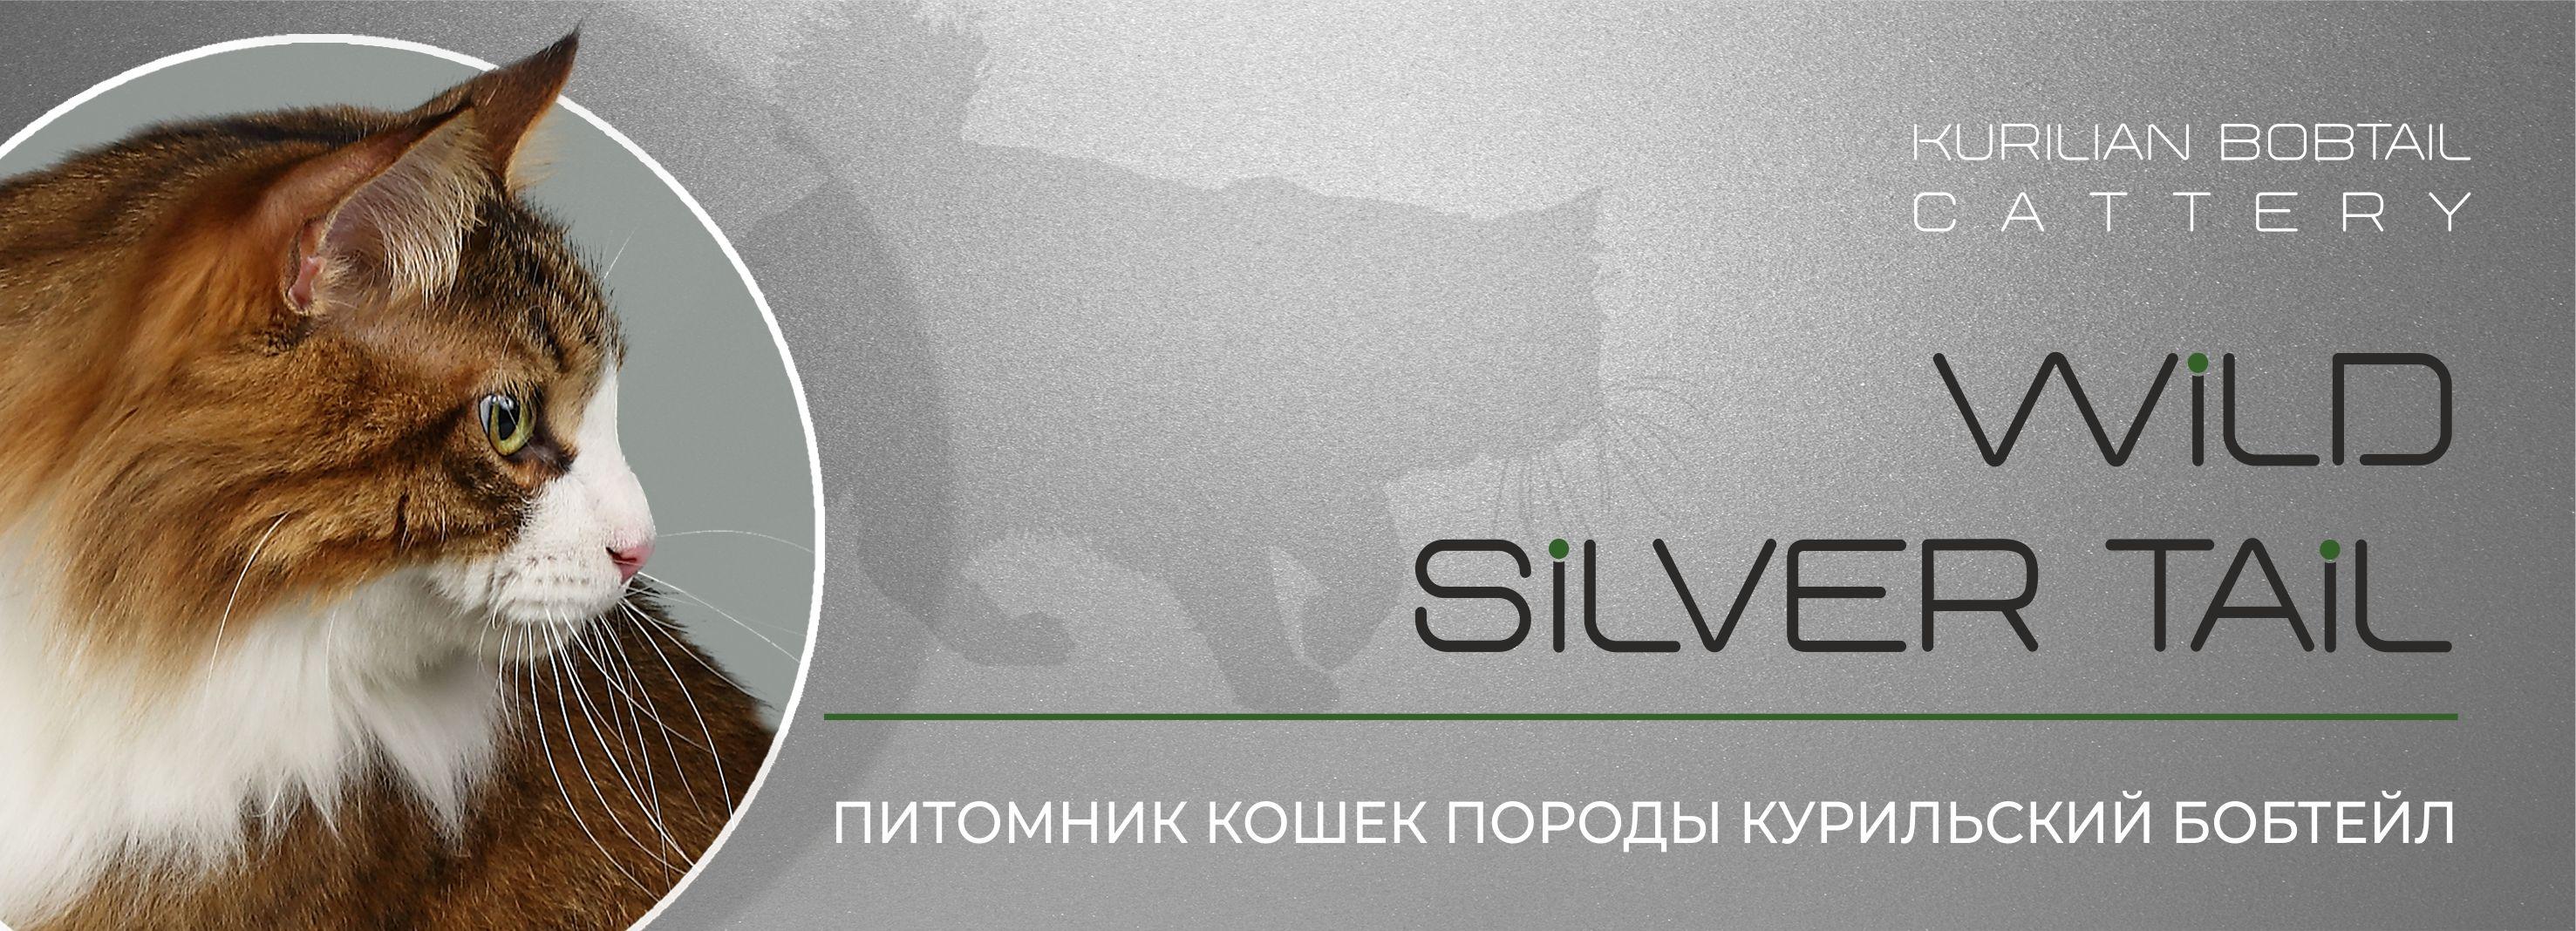 Питомник курильских бобтейлов Wild Silver Tail, Украина, Запорожье. Котята курильский бобтейл купить.